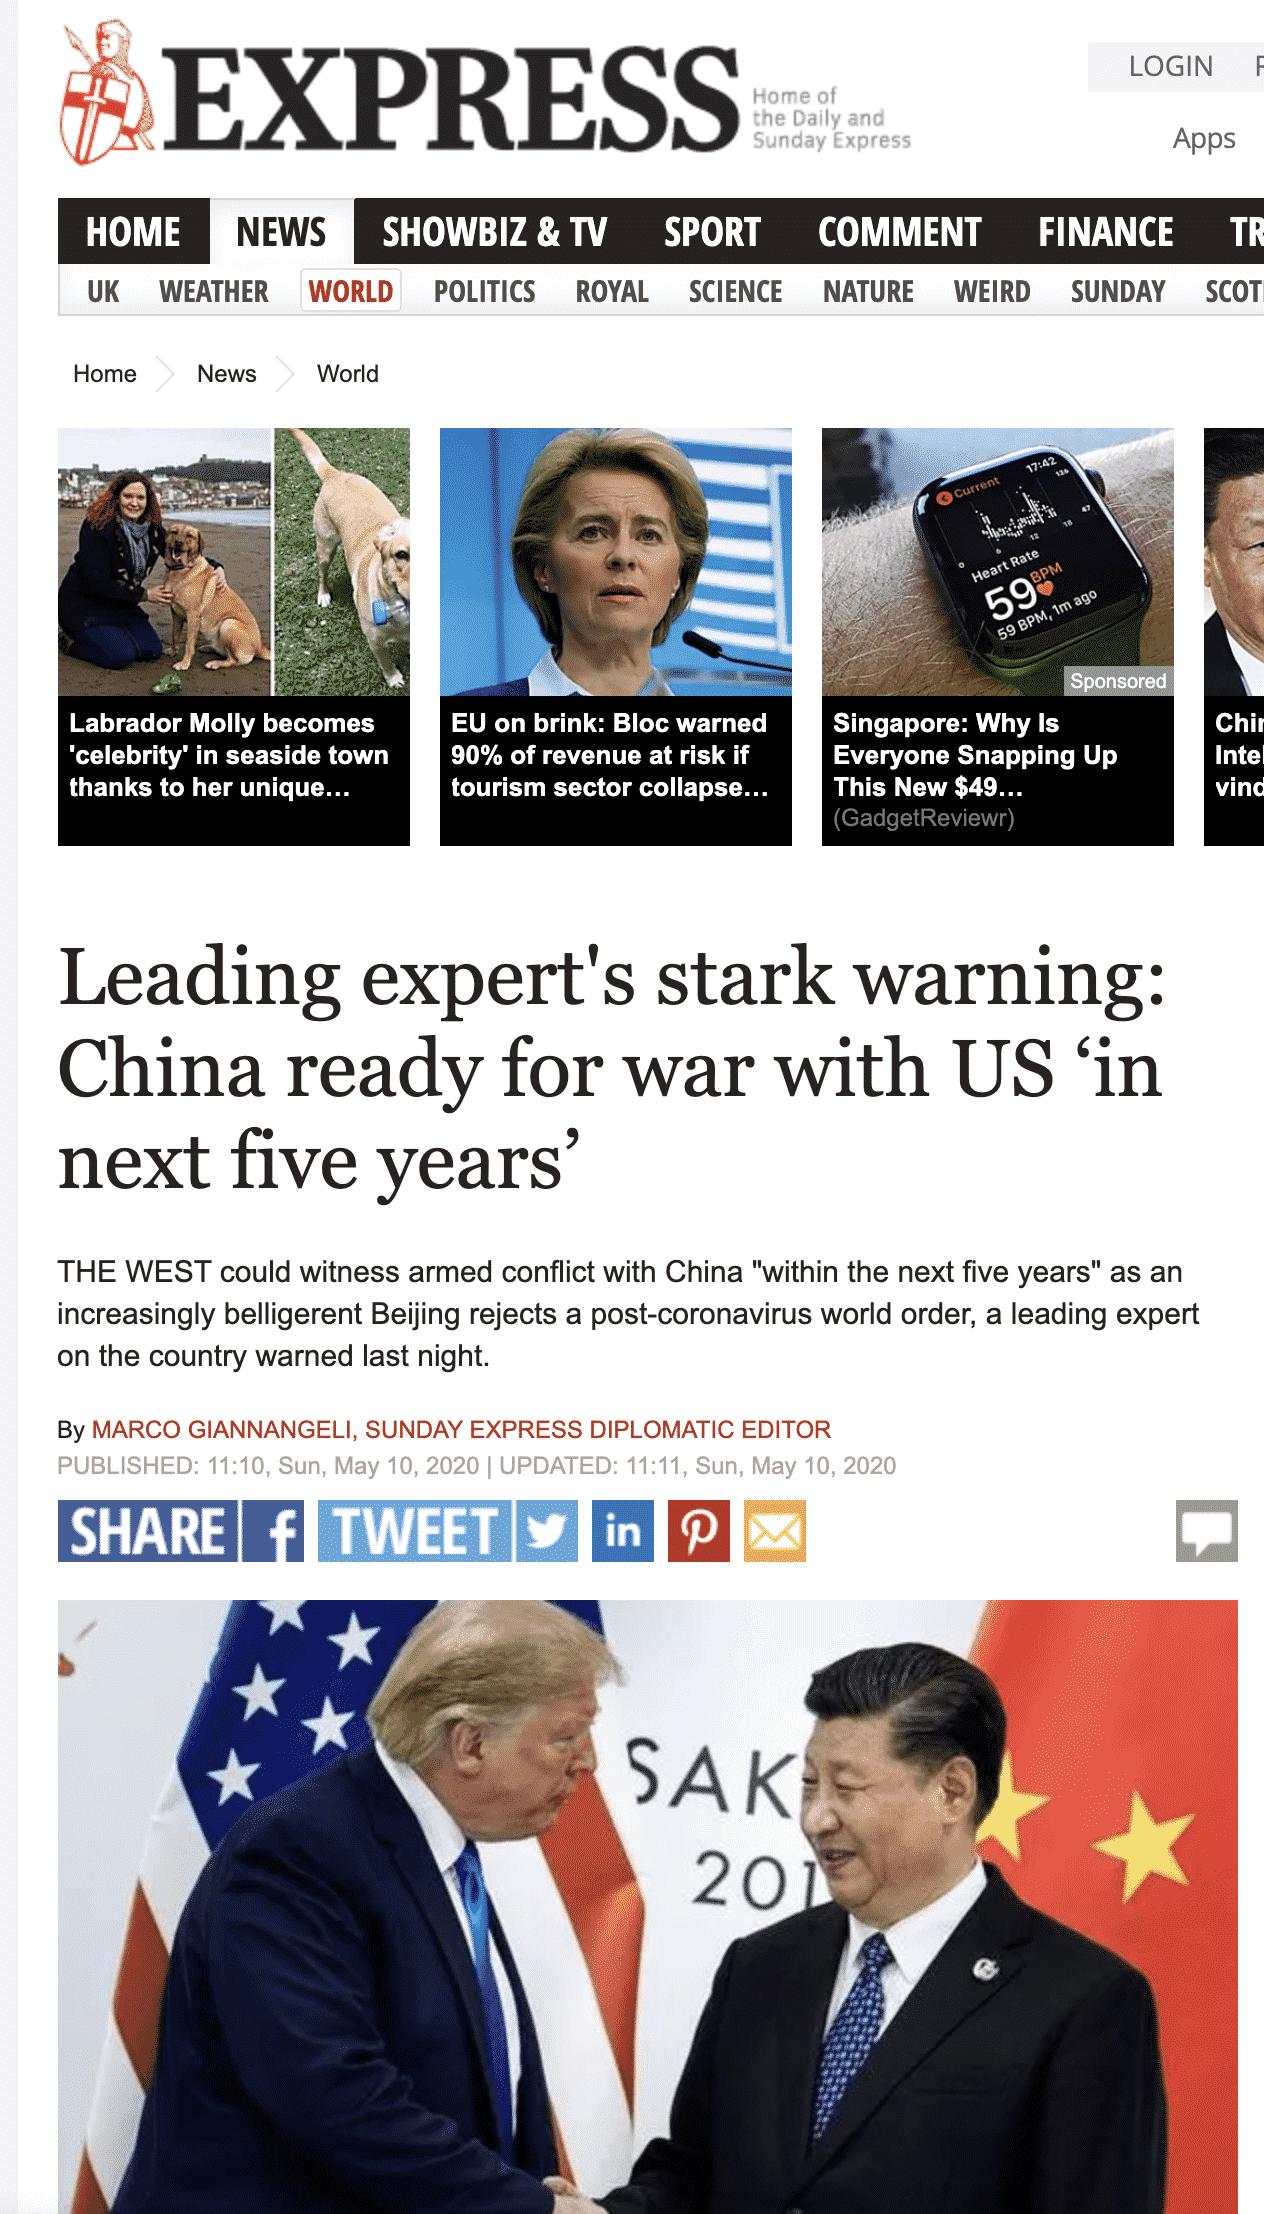 """""""Chuyên gia cảnh báo: Trung Quốc chuẩn bị cho 5 năm tới chiến tranh nóng với Mỹ"""""""